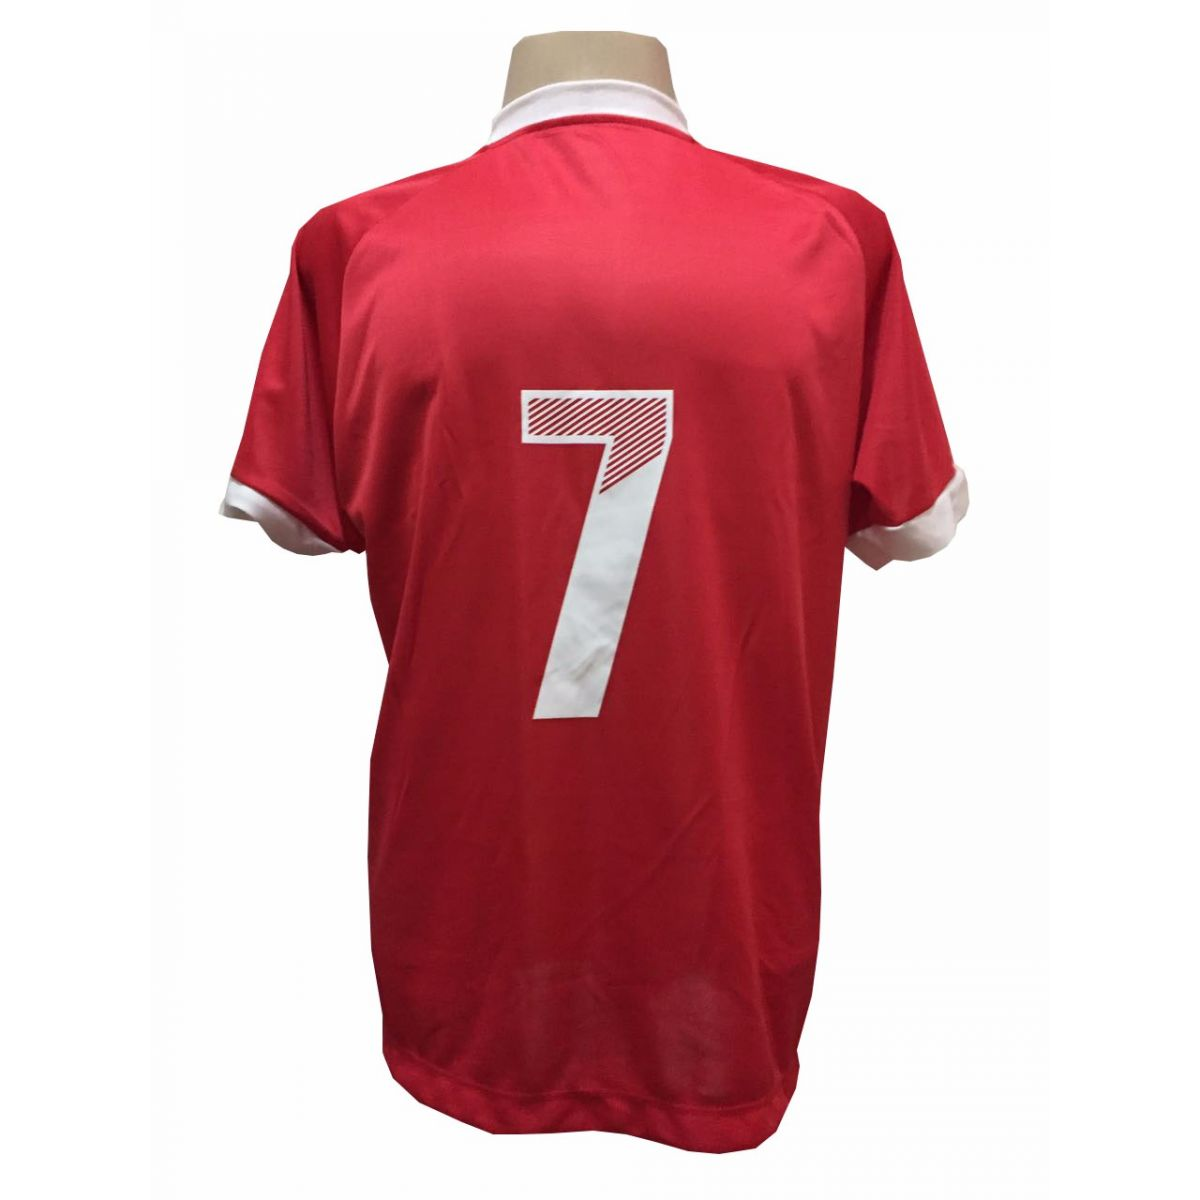 Uniforme Esportivo com 20 camisas modelo Bélgica Vermelho/Branco + 20 calções modelo Madrid + 1 Goleiro + Brindes